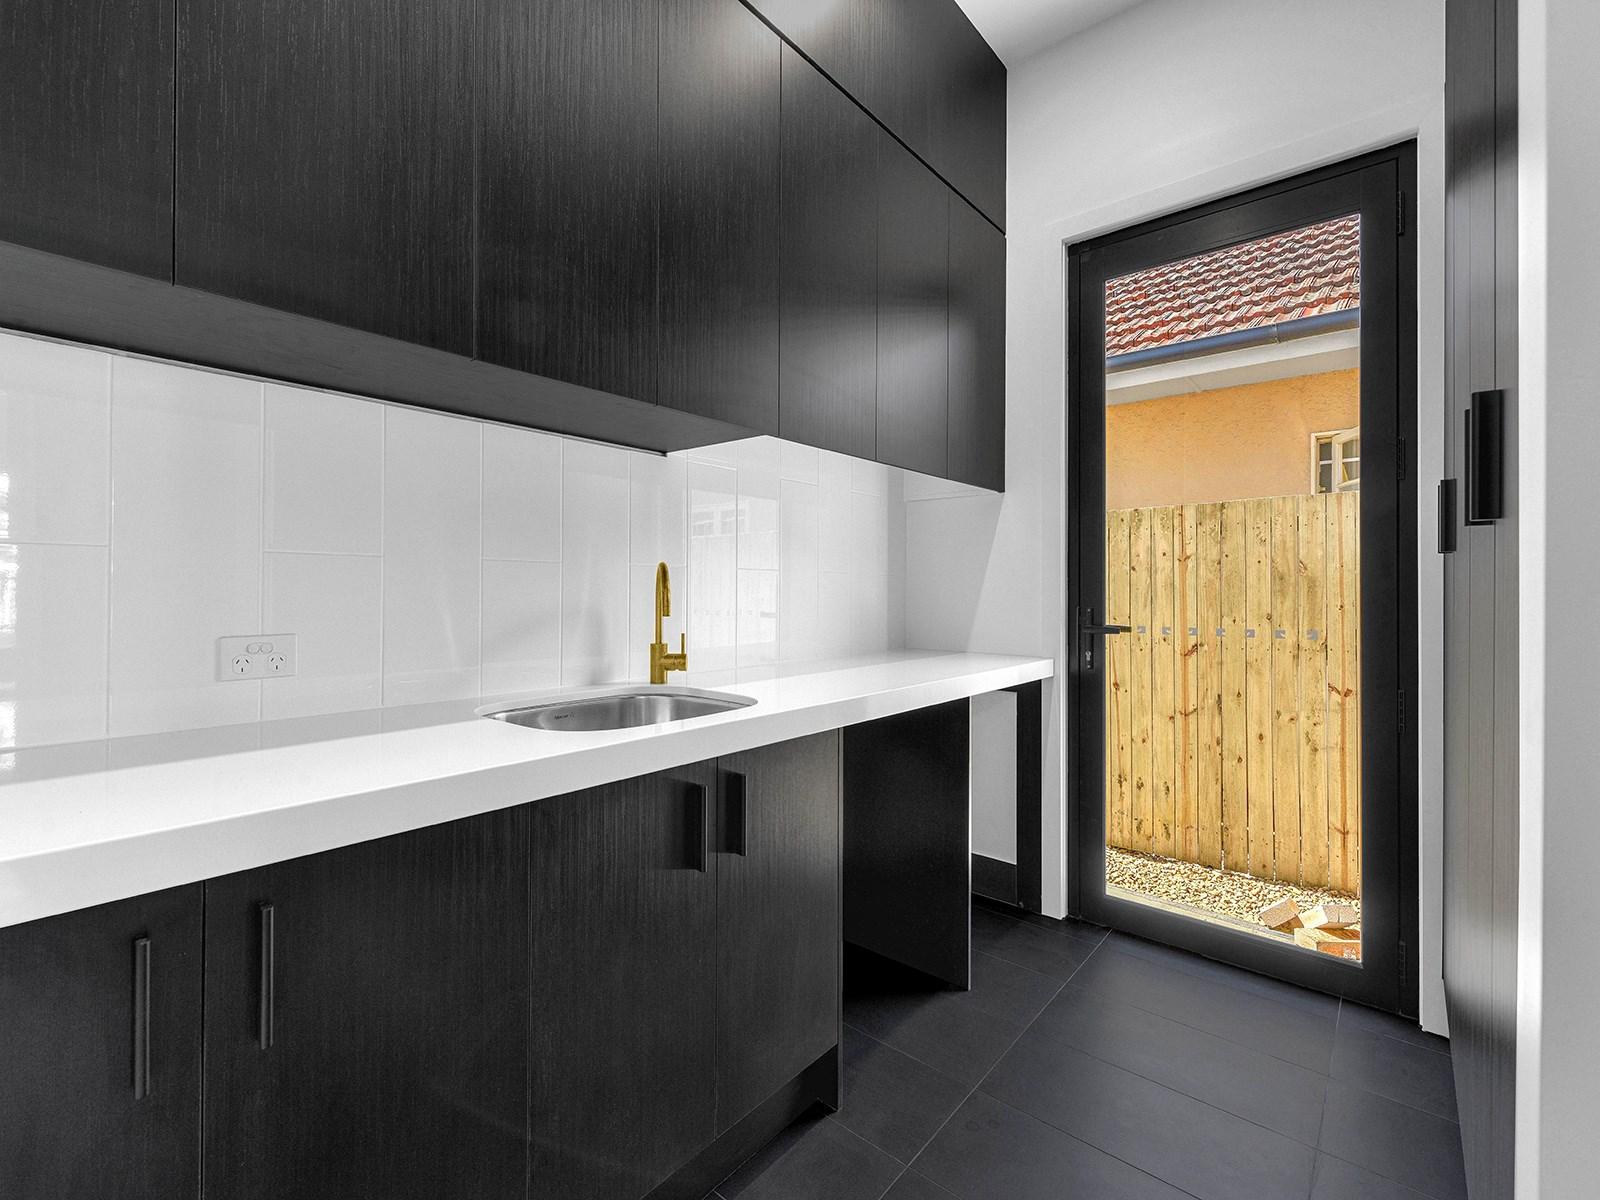 Laundry-Brisbane-white-benchtops-tiled-splashback